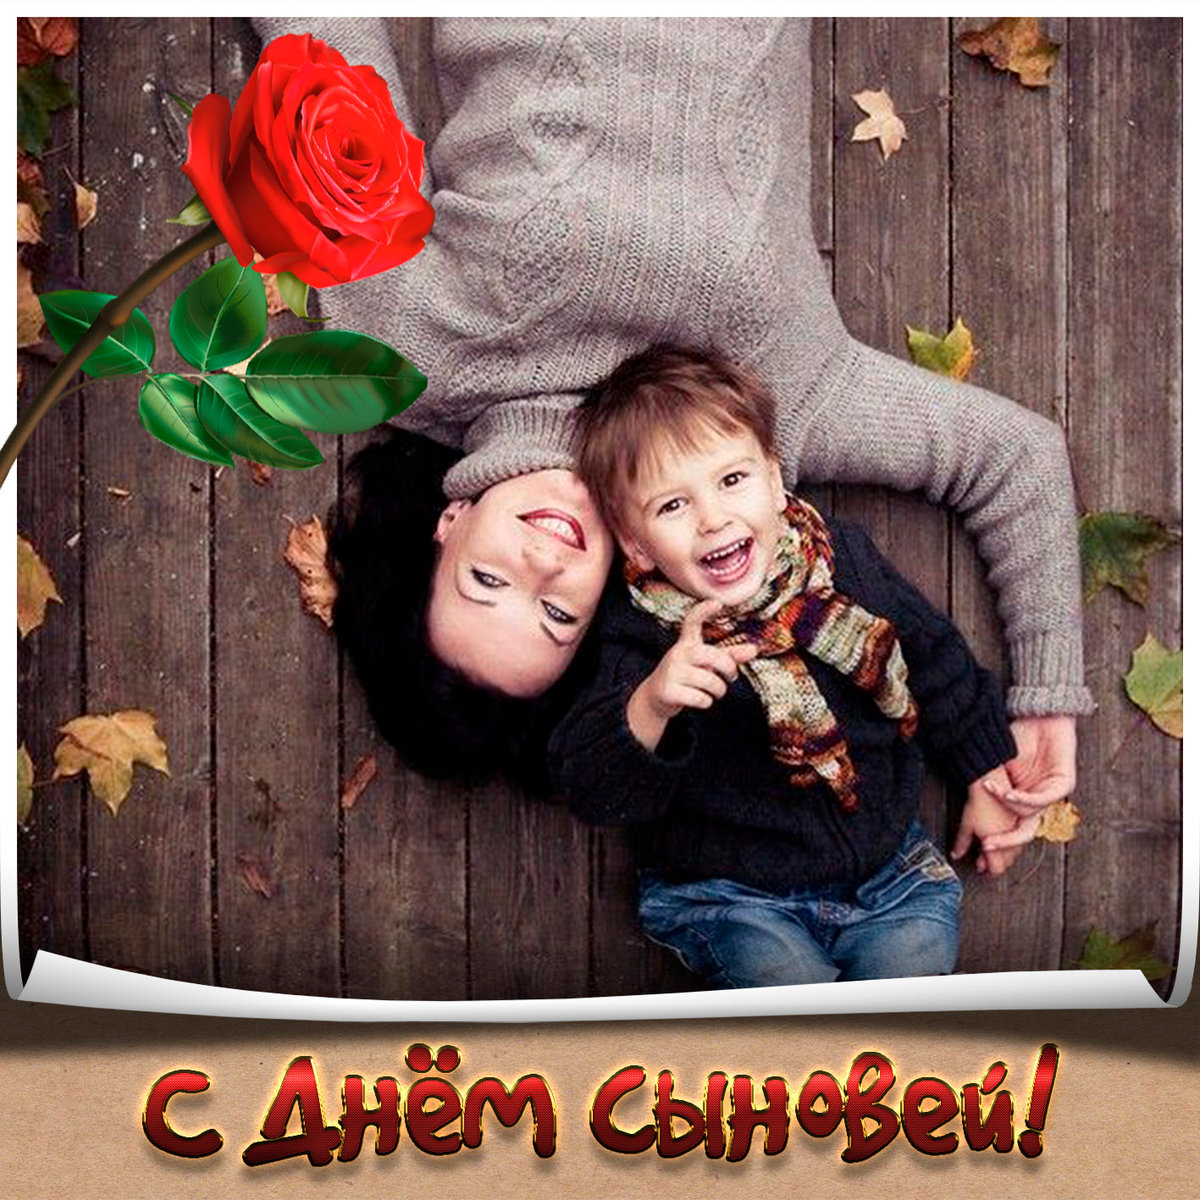 границы открытки красавцы сыновья зависимости типа механизма